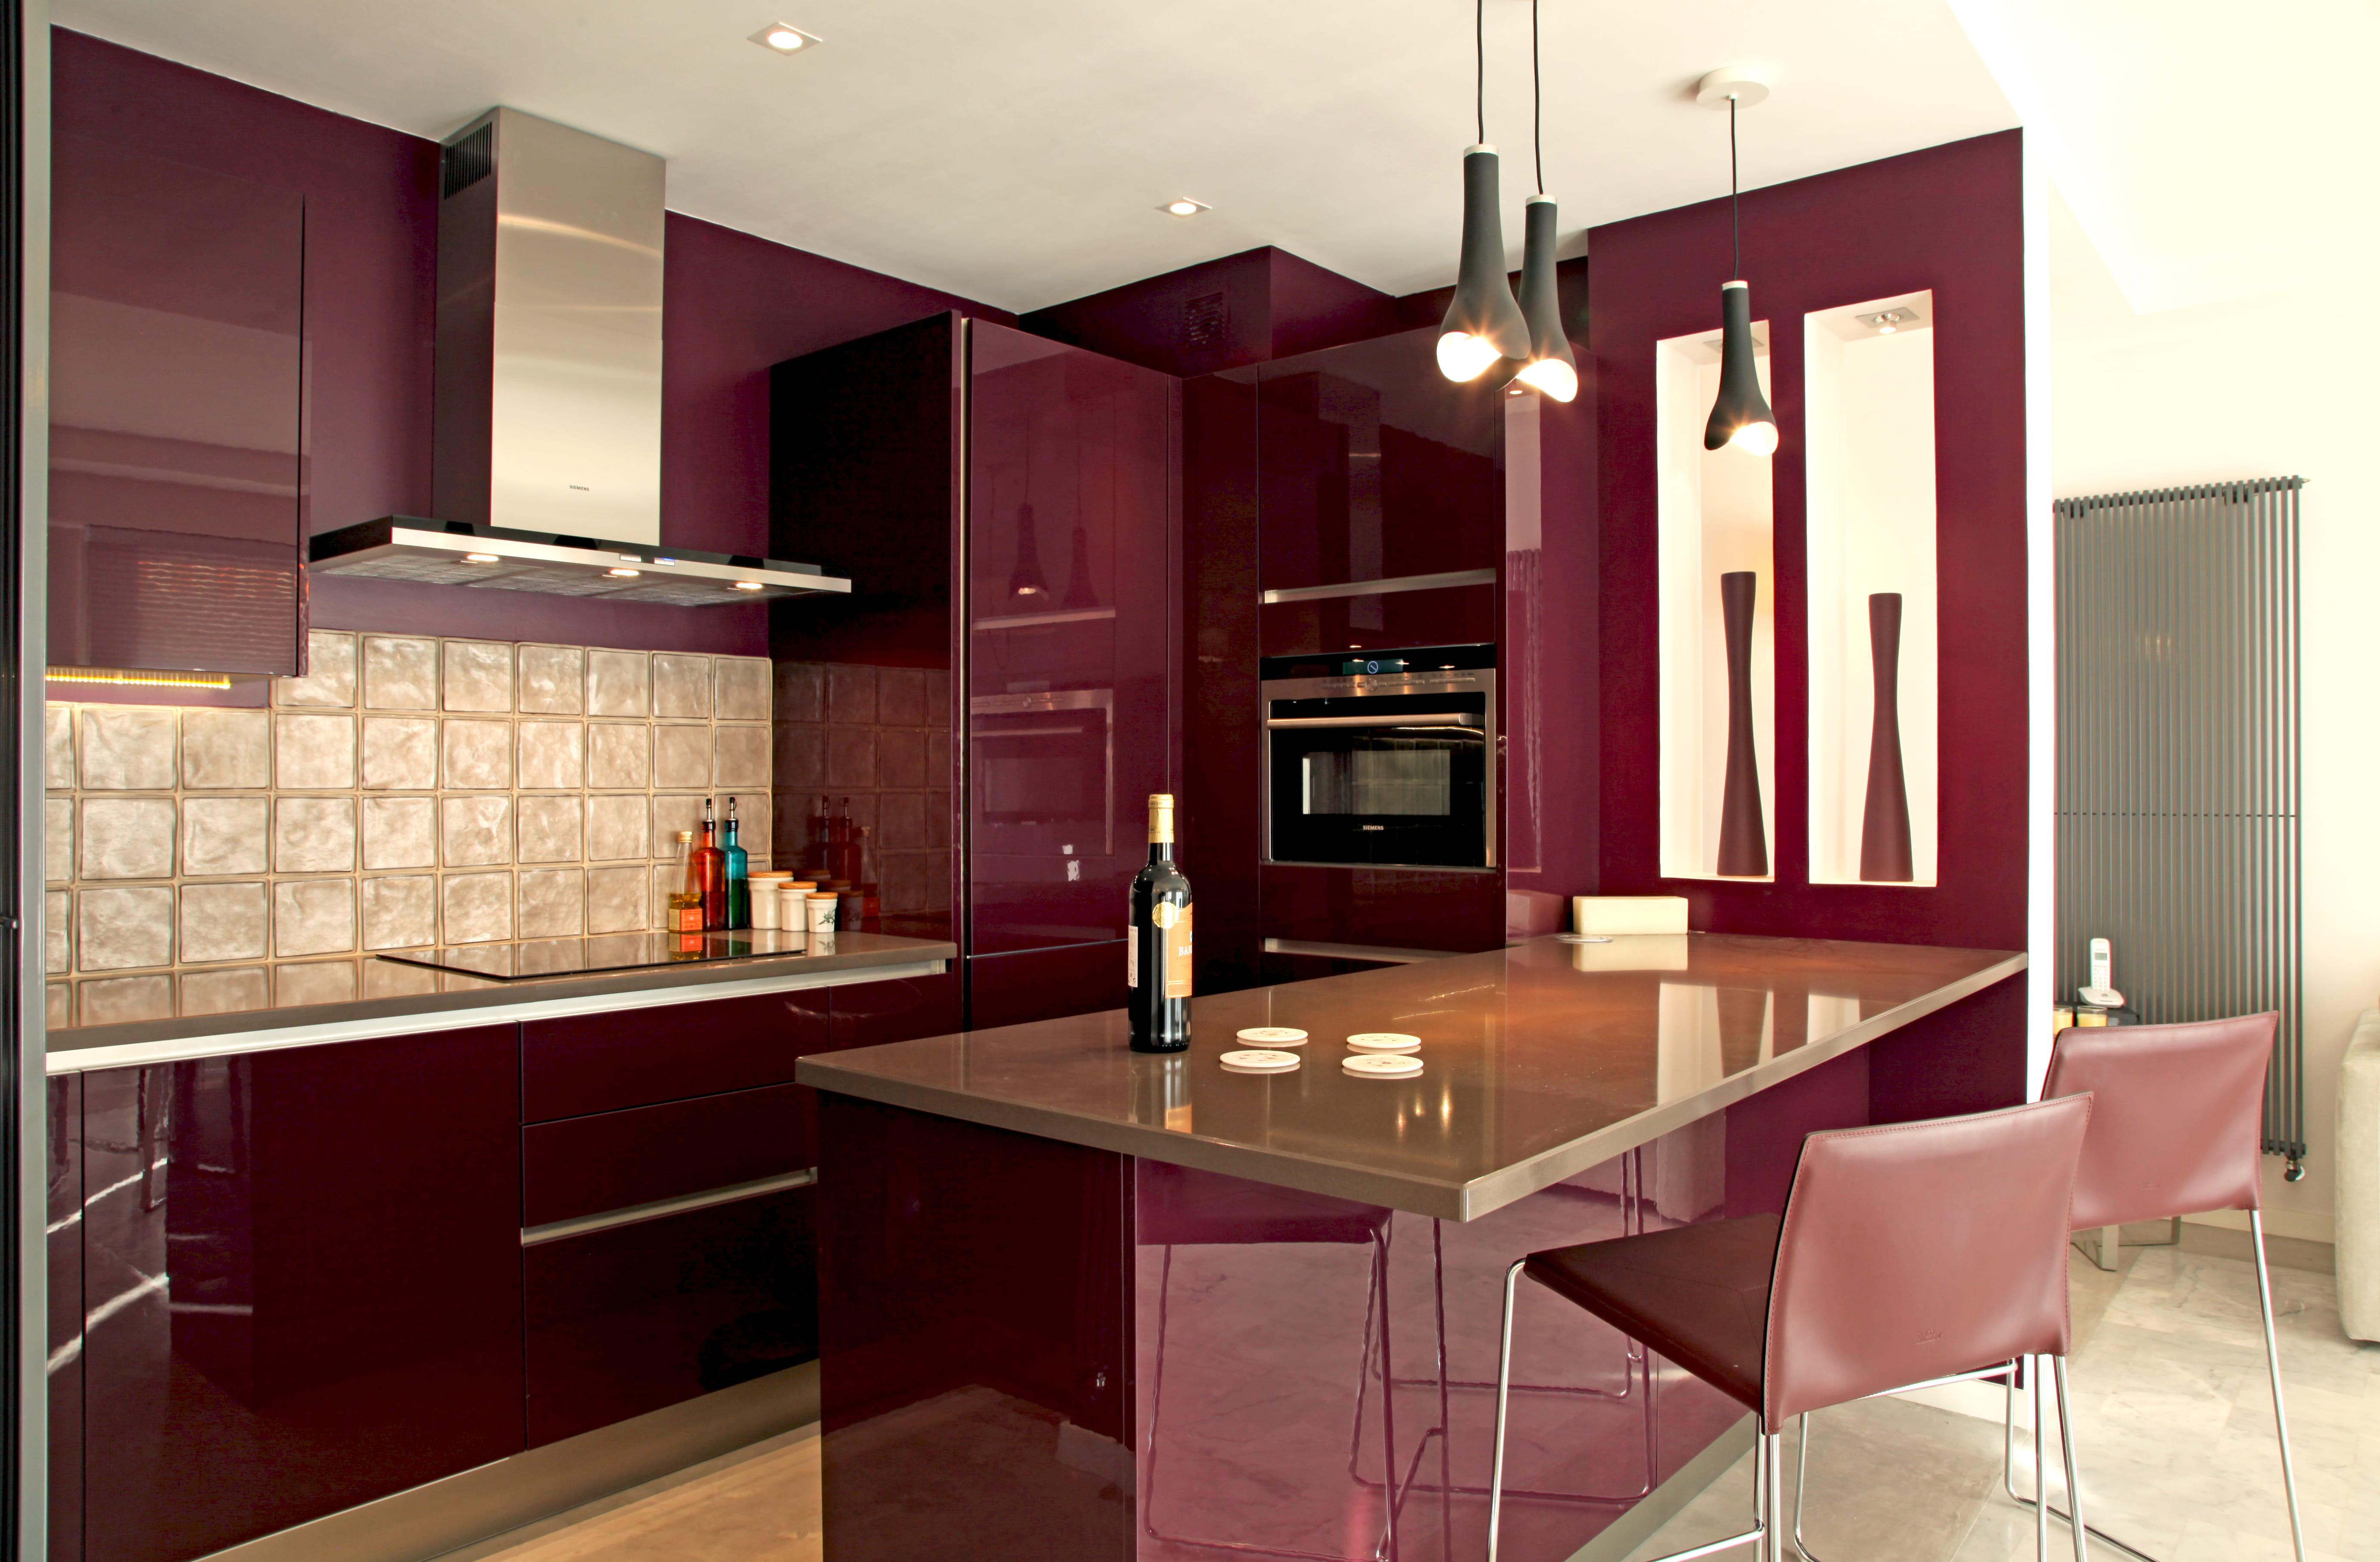 Une cuisine total look une cuisine gourmande avec la couleur violet aubergi - Cuisine couleur violet ...